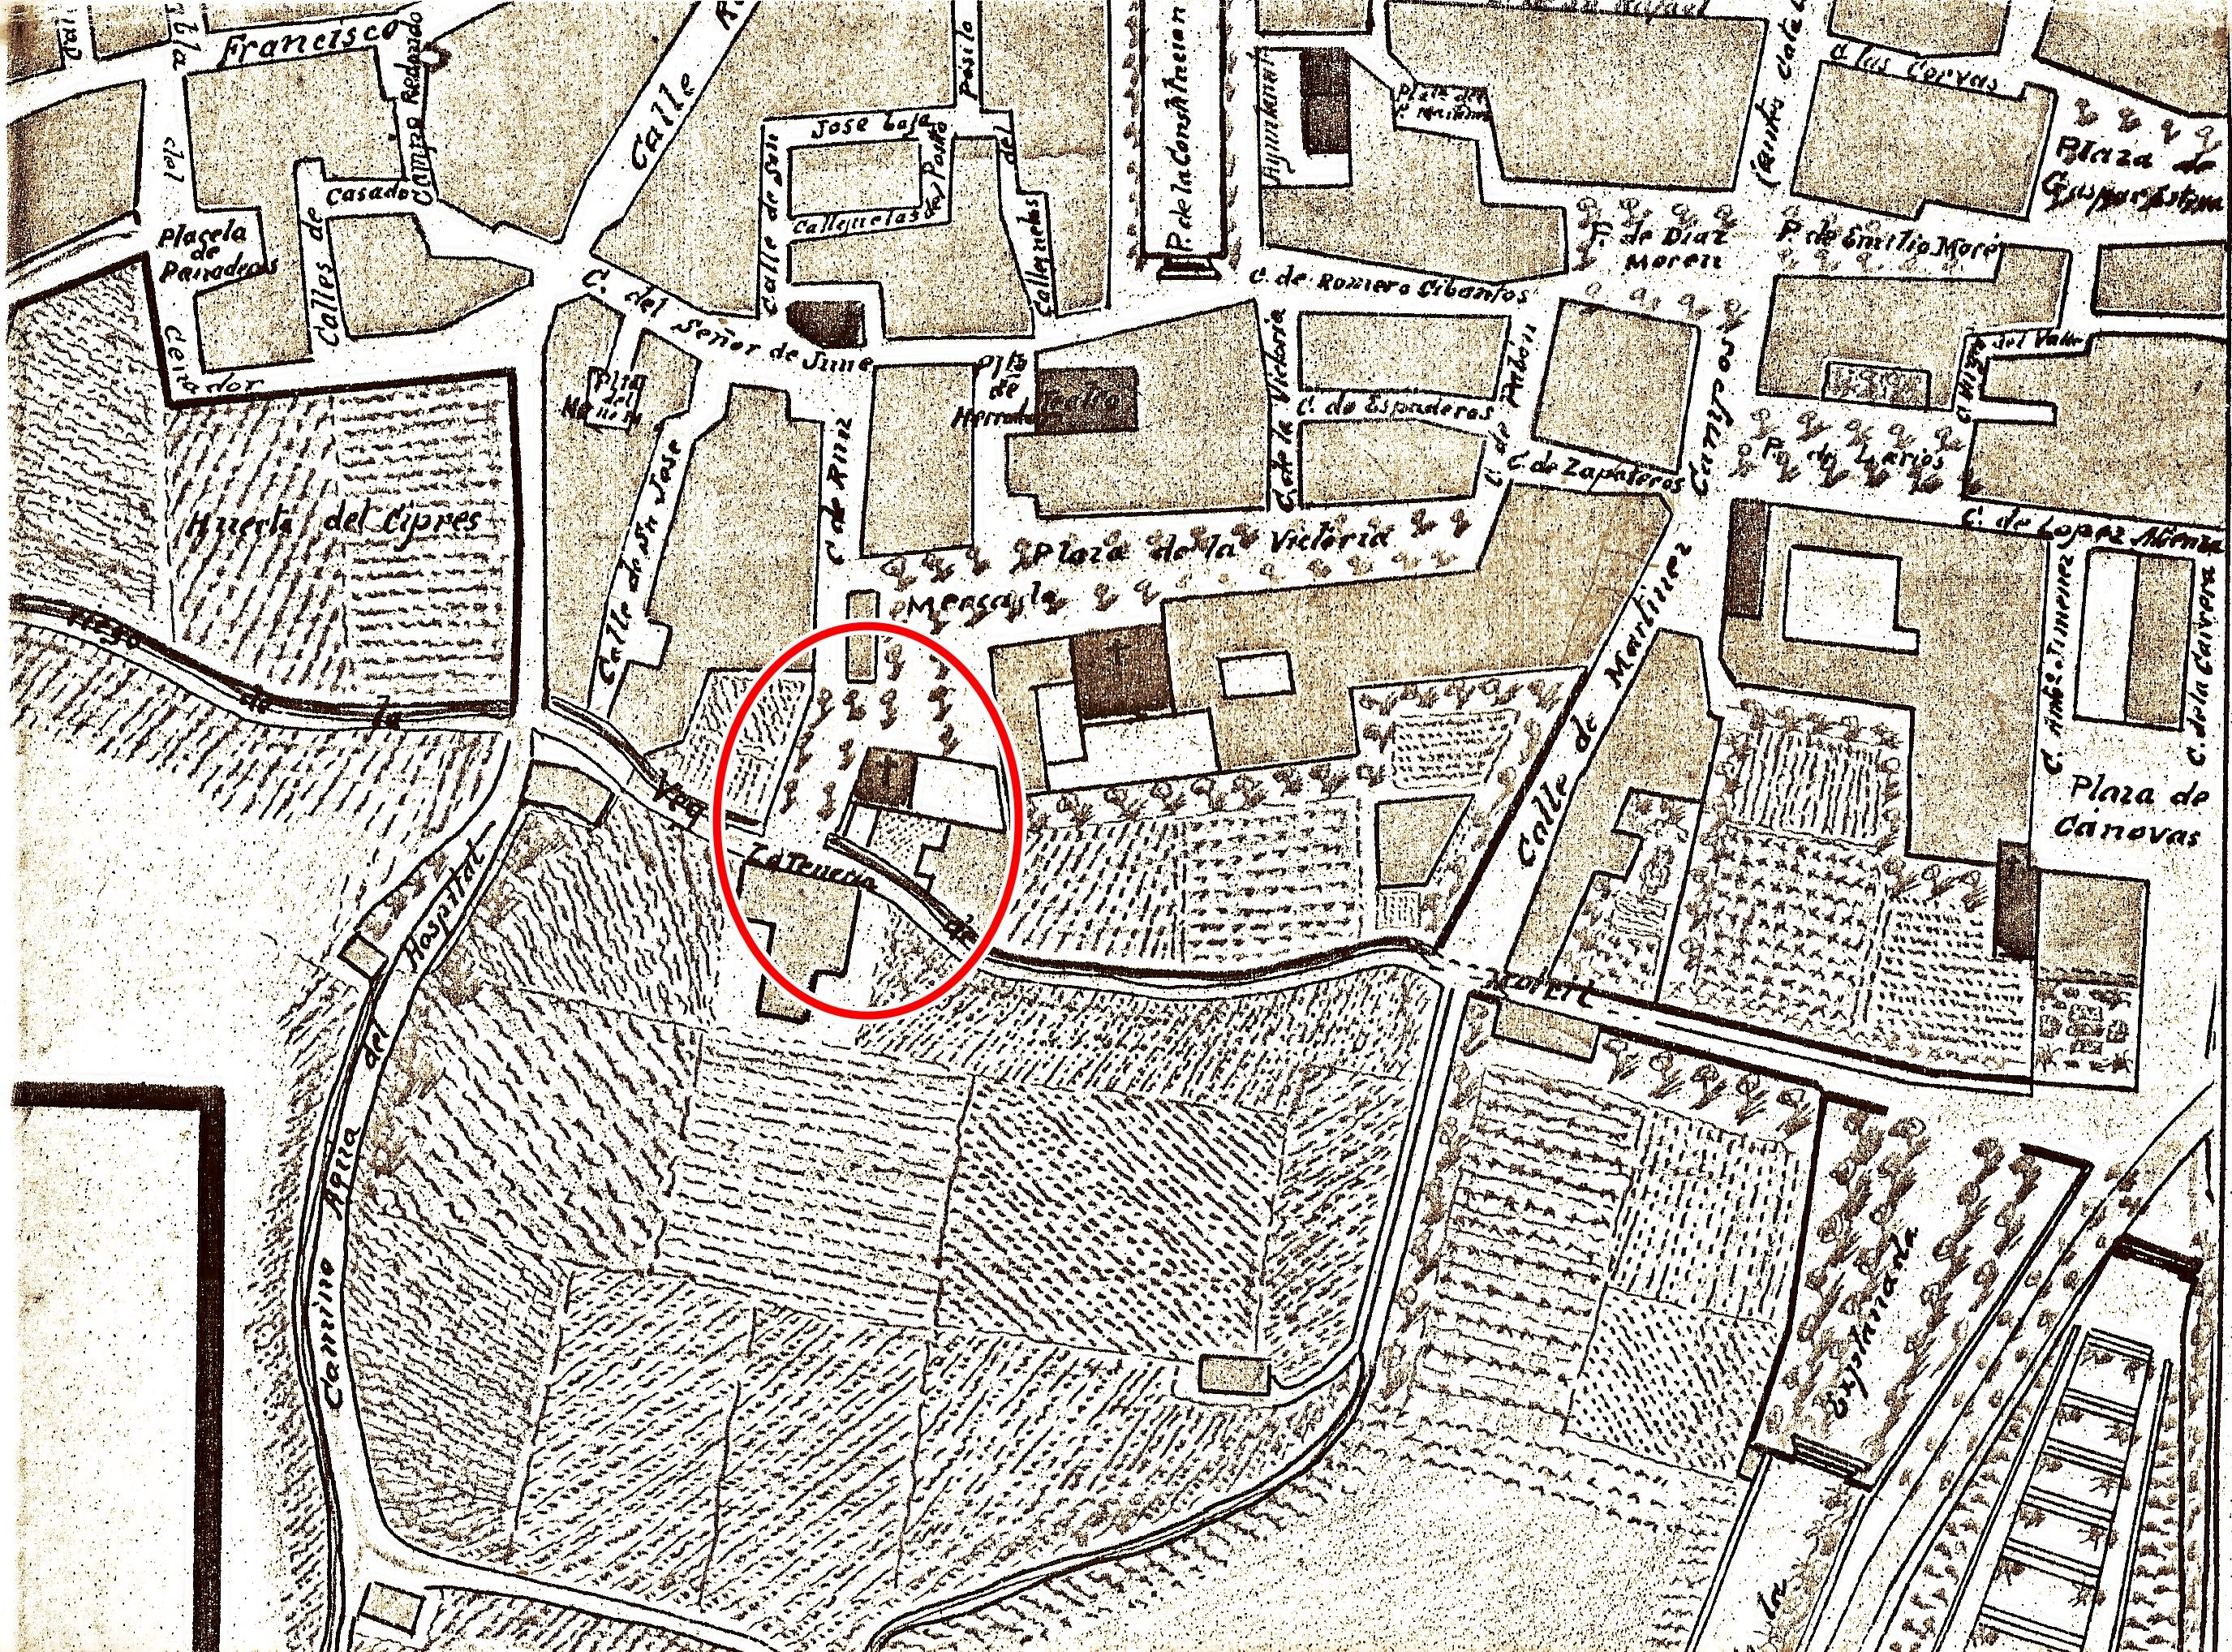 Lugar donde estuvo el baño musulmán de Motril. Plano de principios del siglo XX